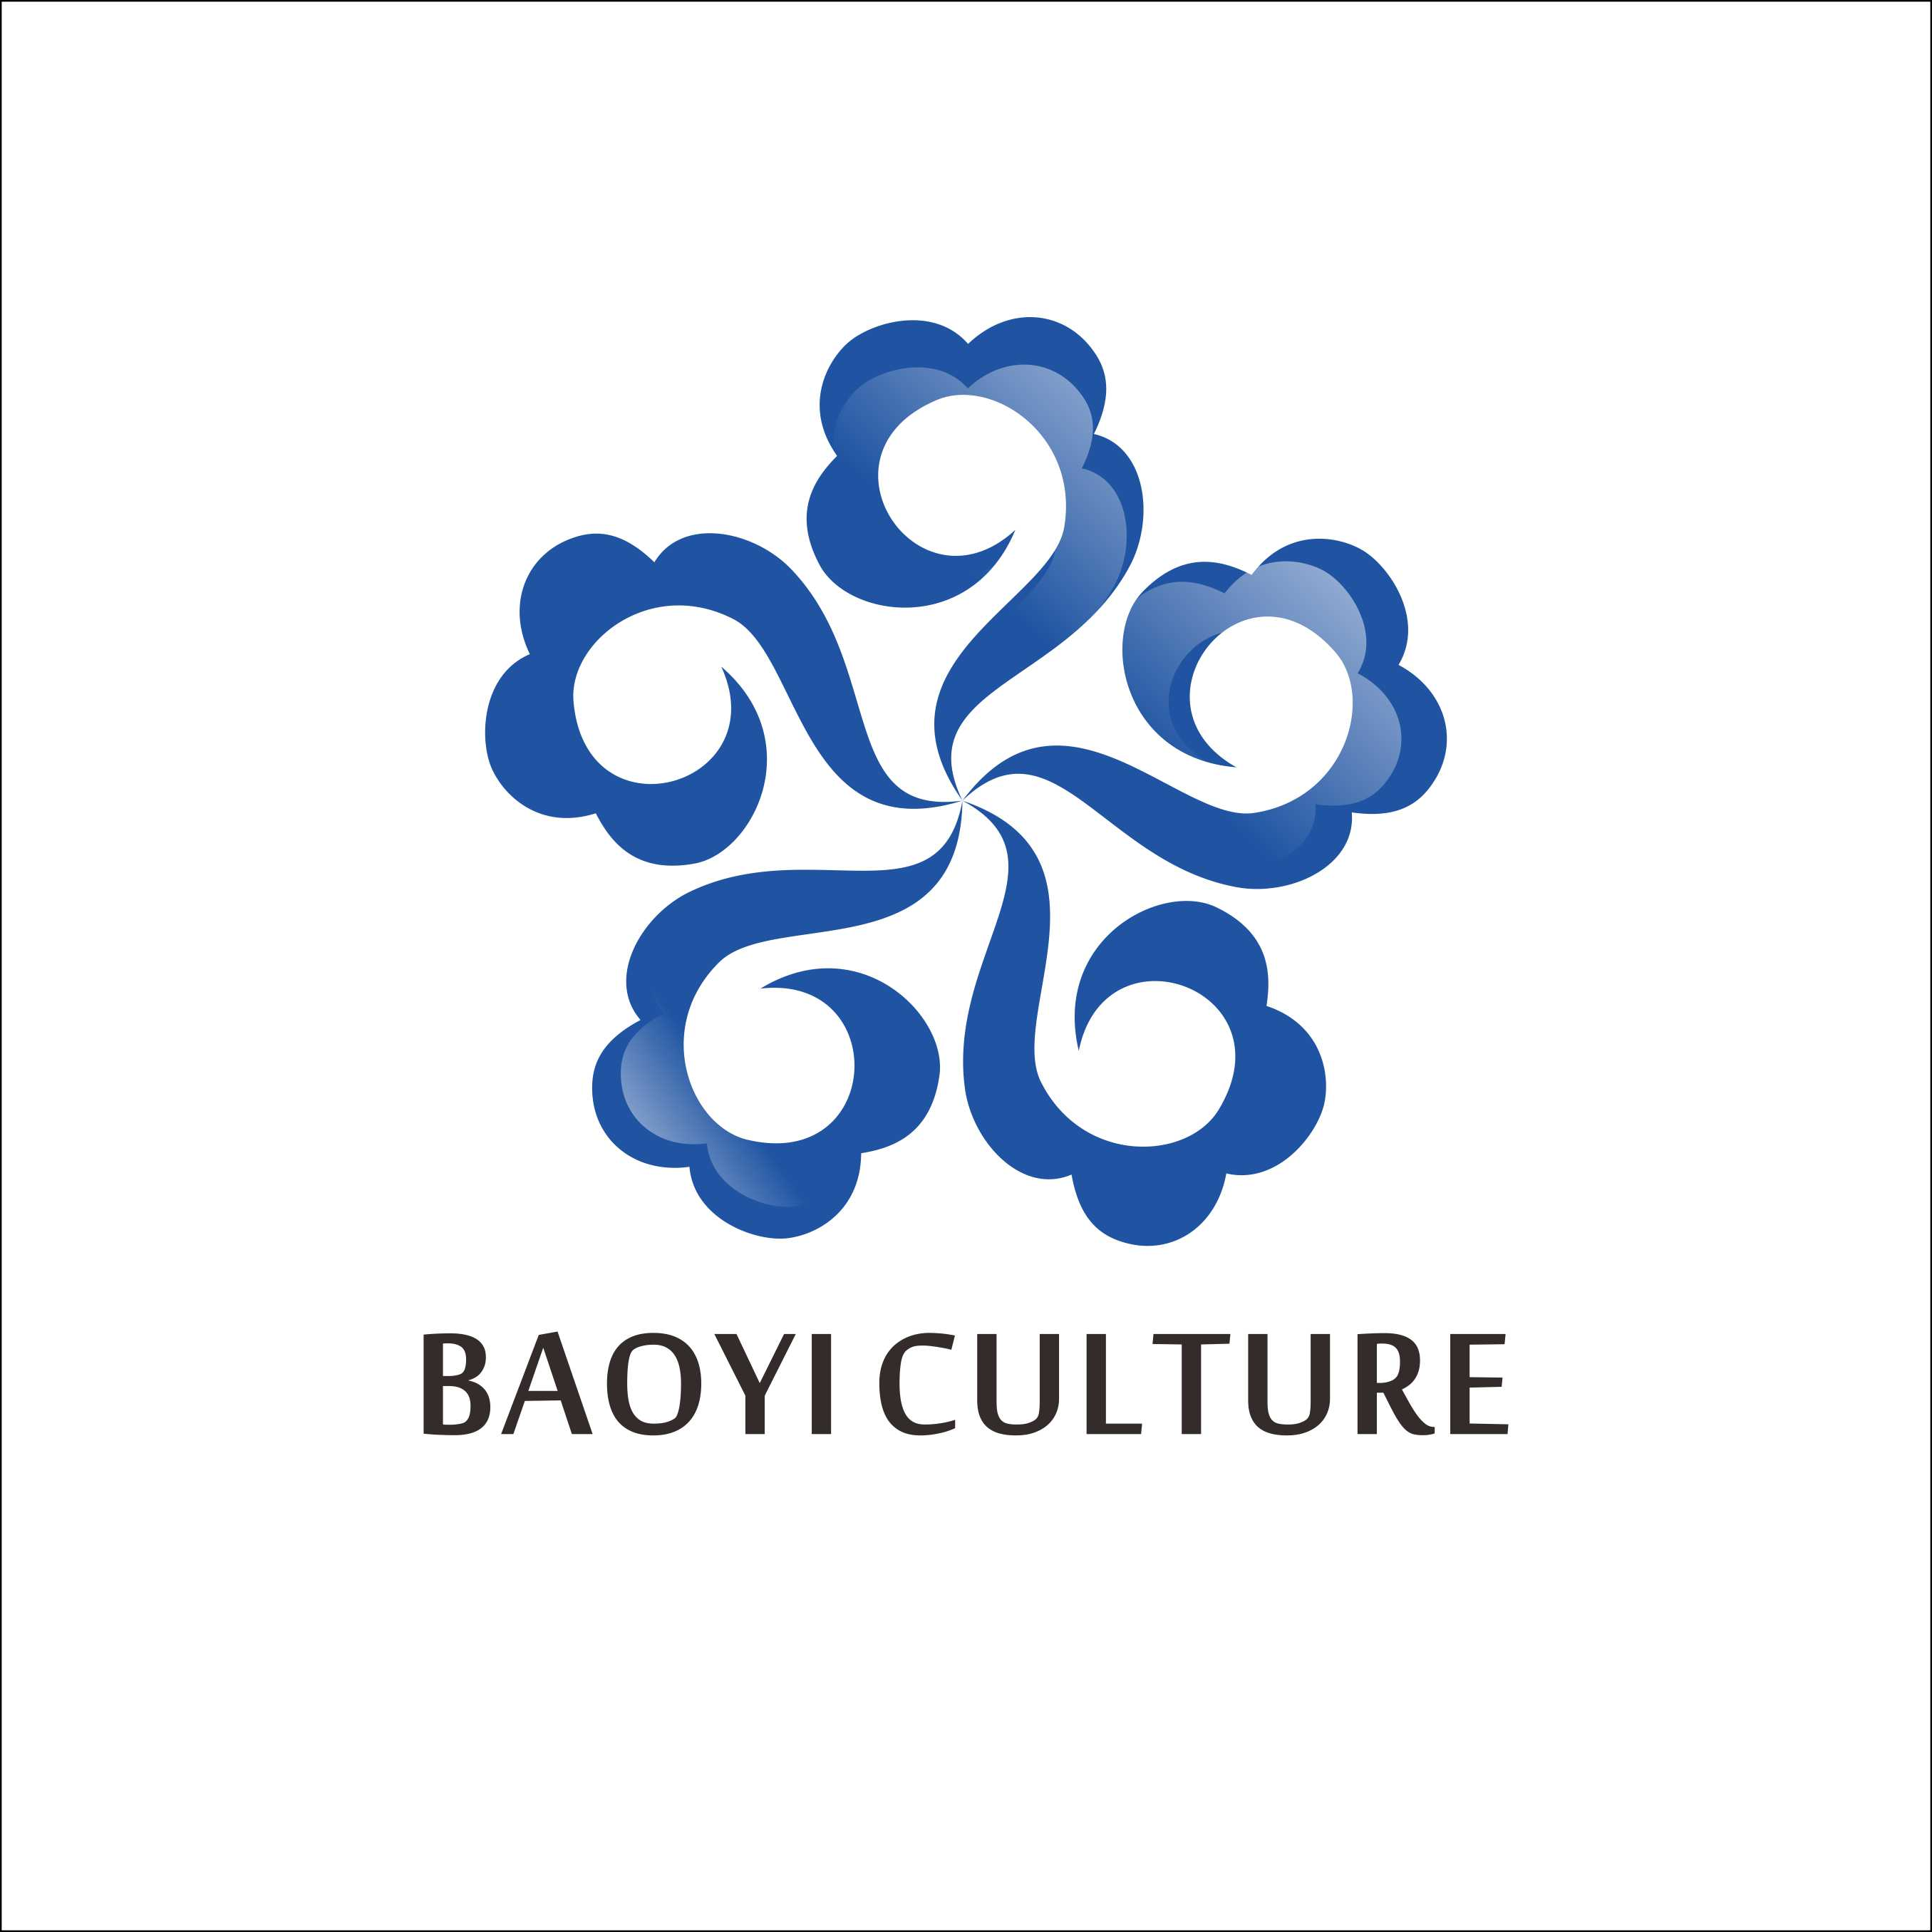 logo logo 标志 设计 矢量 矢量图 素材 图标 2711_2711